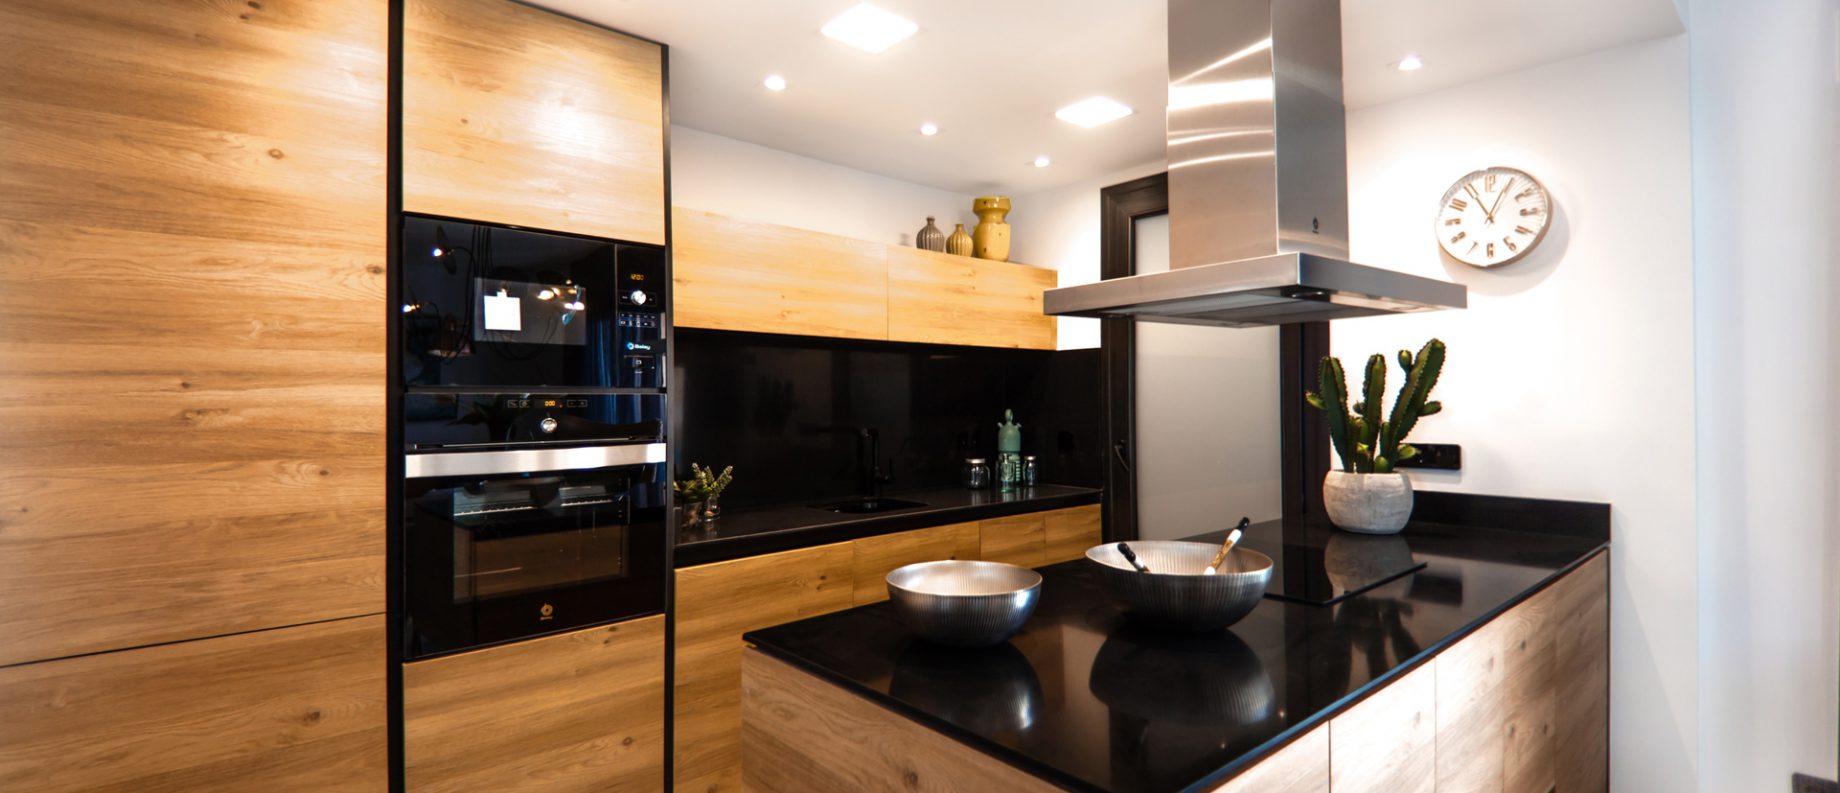 A wooden kitchen iwth modern kitchenwares